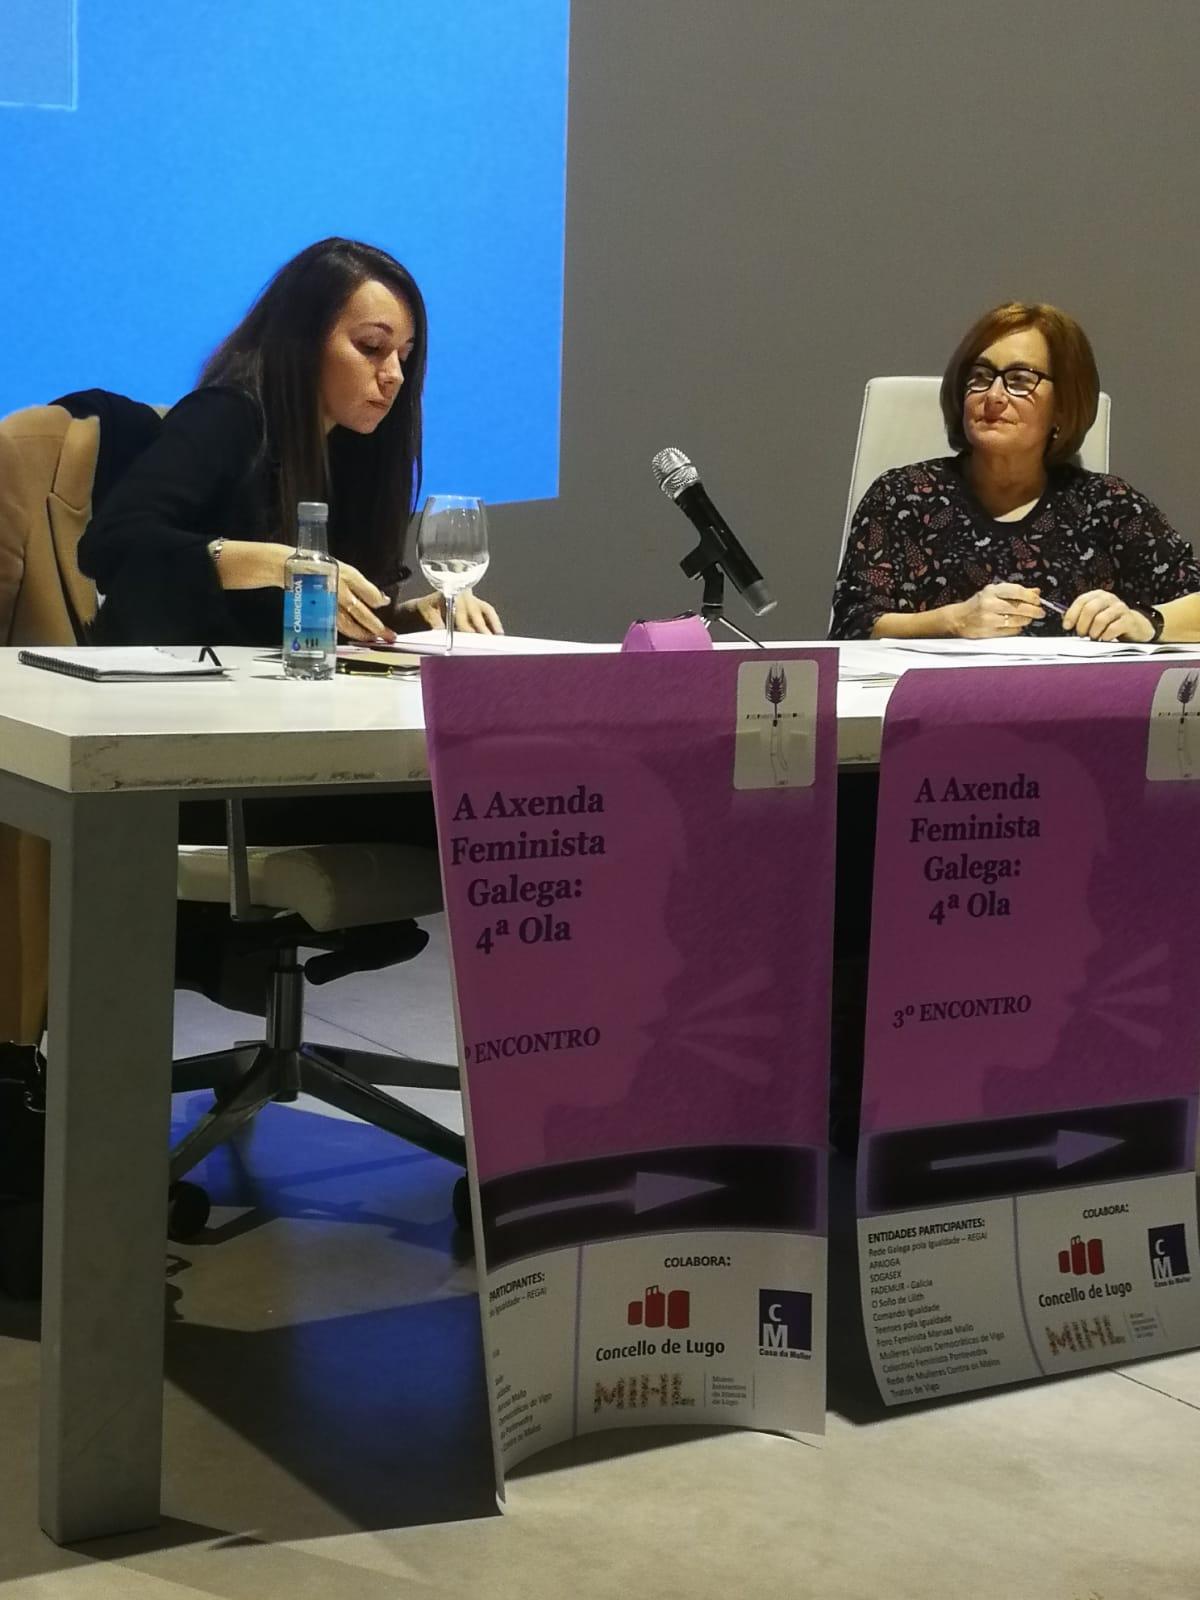 A directiva de Teenses pola Igualdade participa no encontro «A axenda feminista galega: cuarta ola»